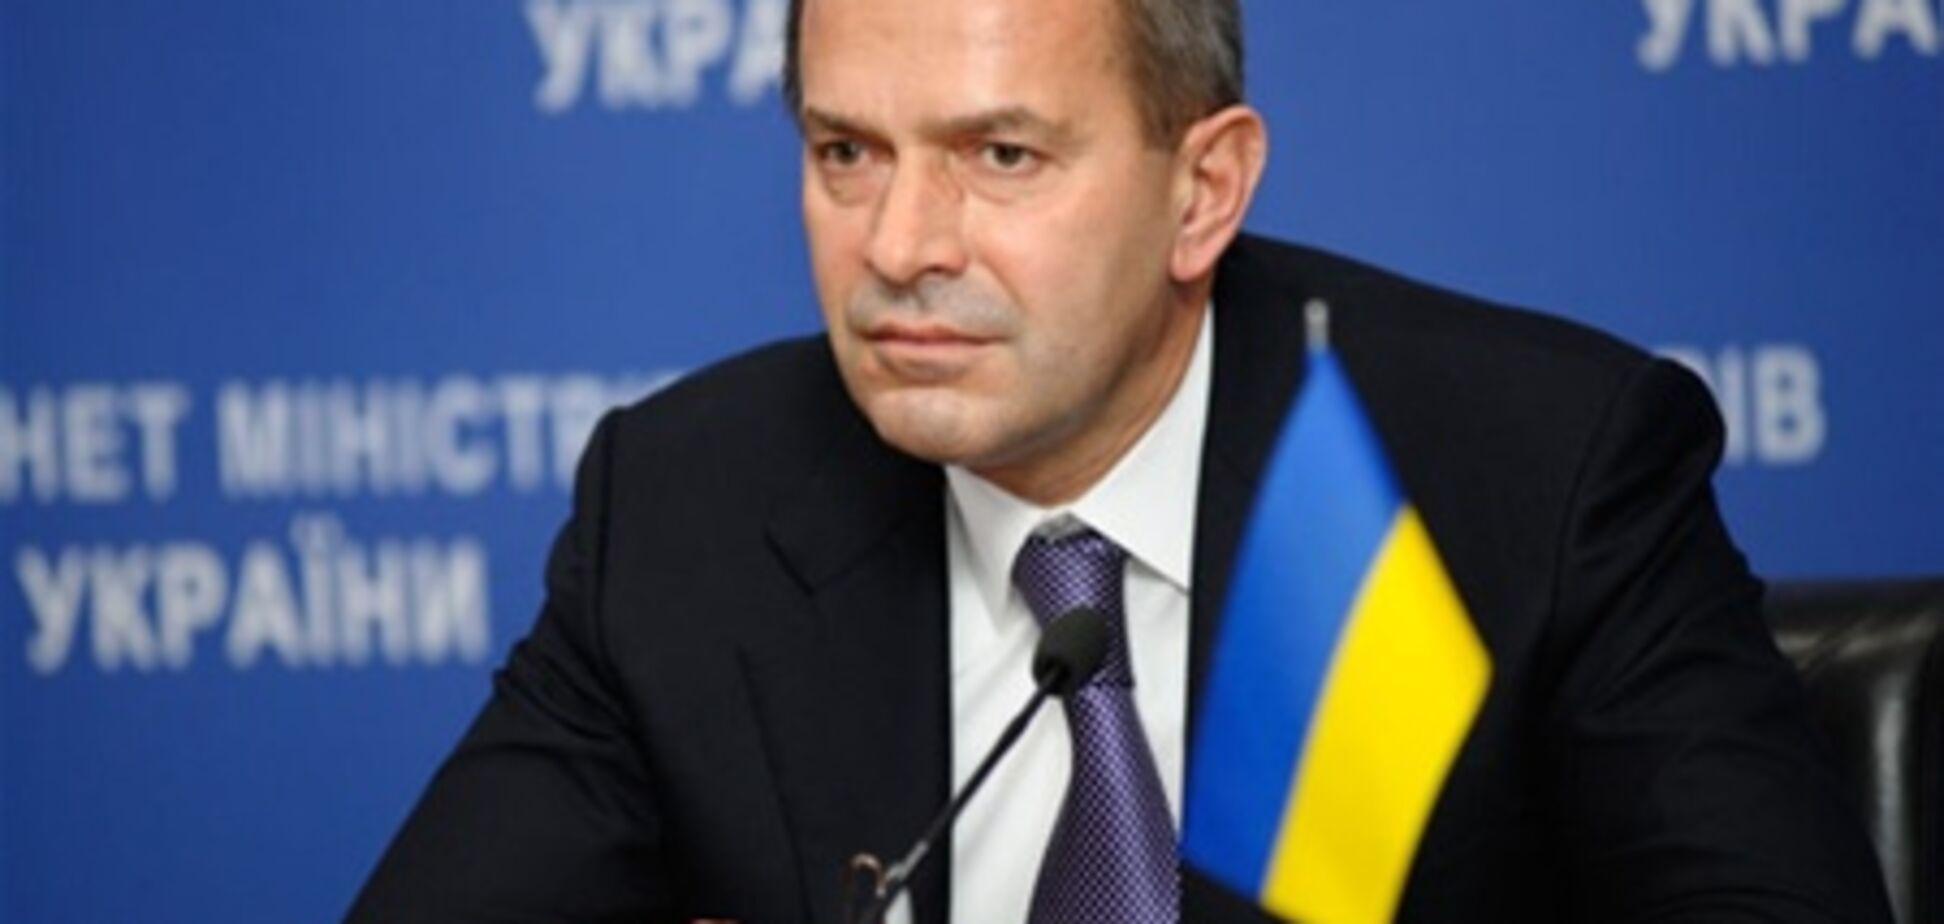 Андрей Клюев поручил ускорить выполнение Плана по либерализации визового режима с ЕС